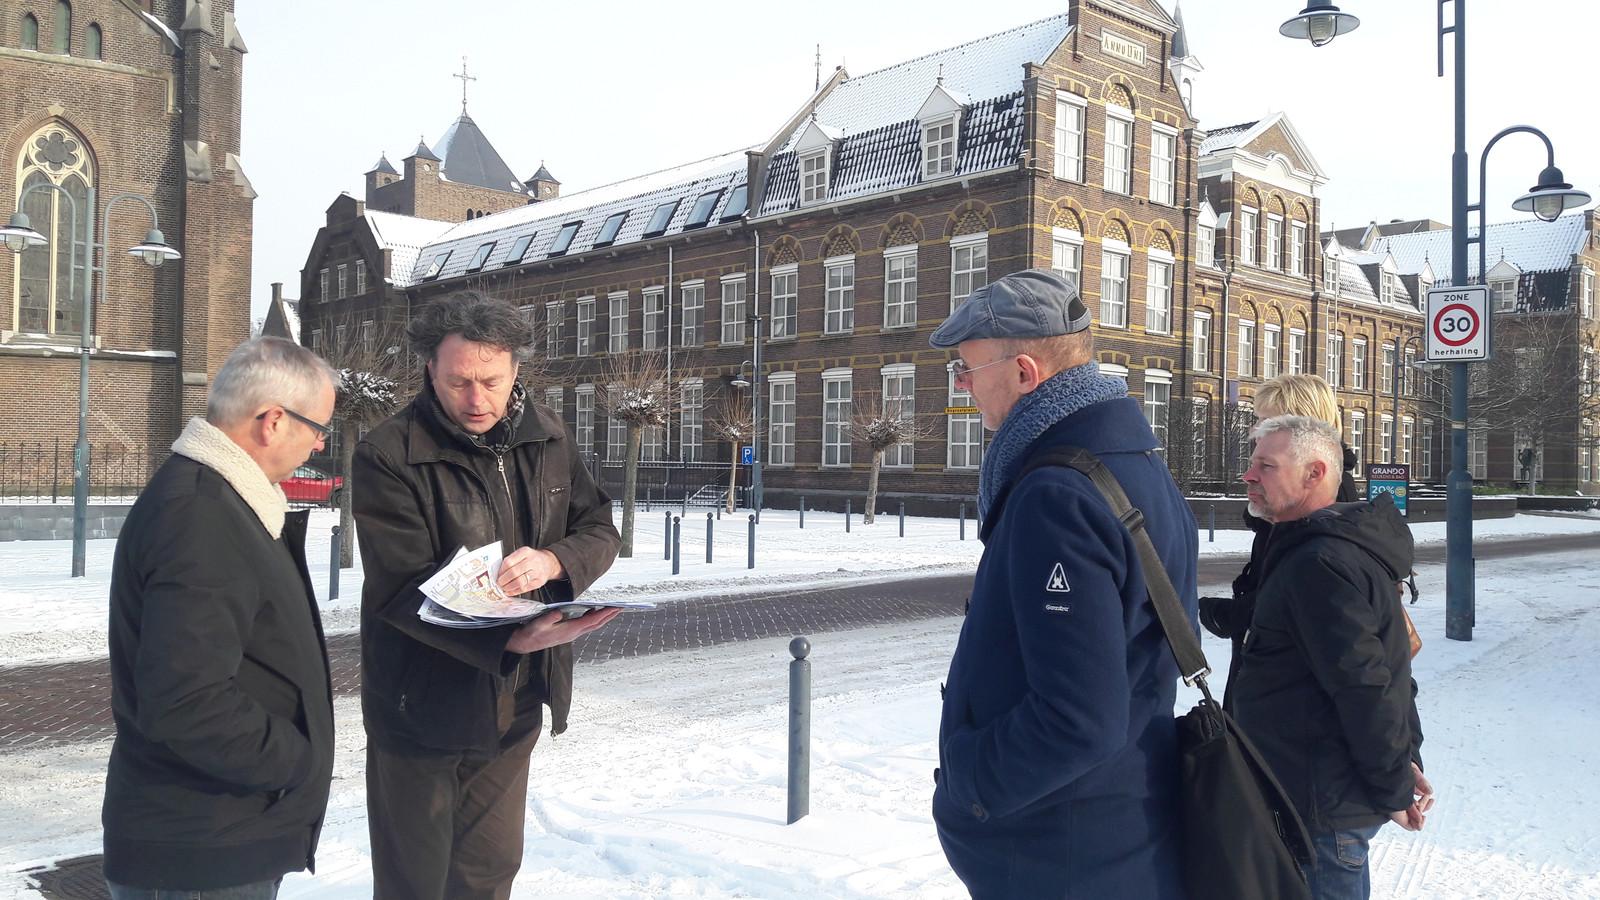 Voorzitter Bernard Vissers (tweede van links) van heemkundekring Vechele geeft een historische rondleiding door Veghel.